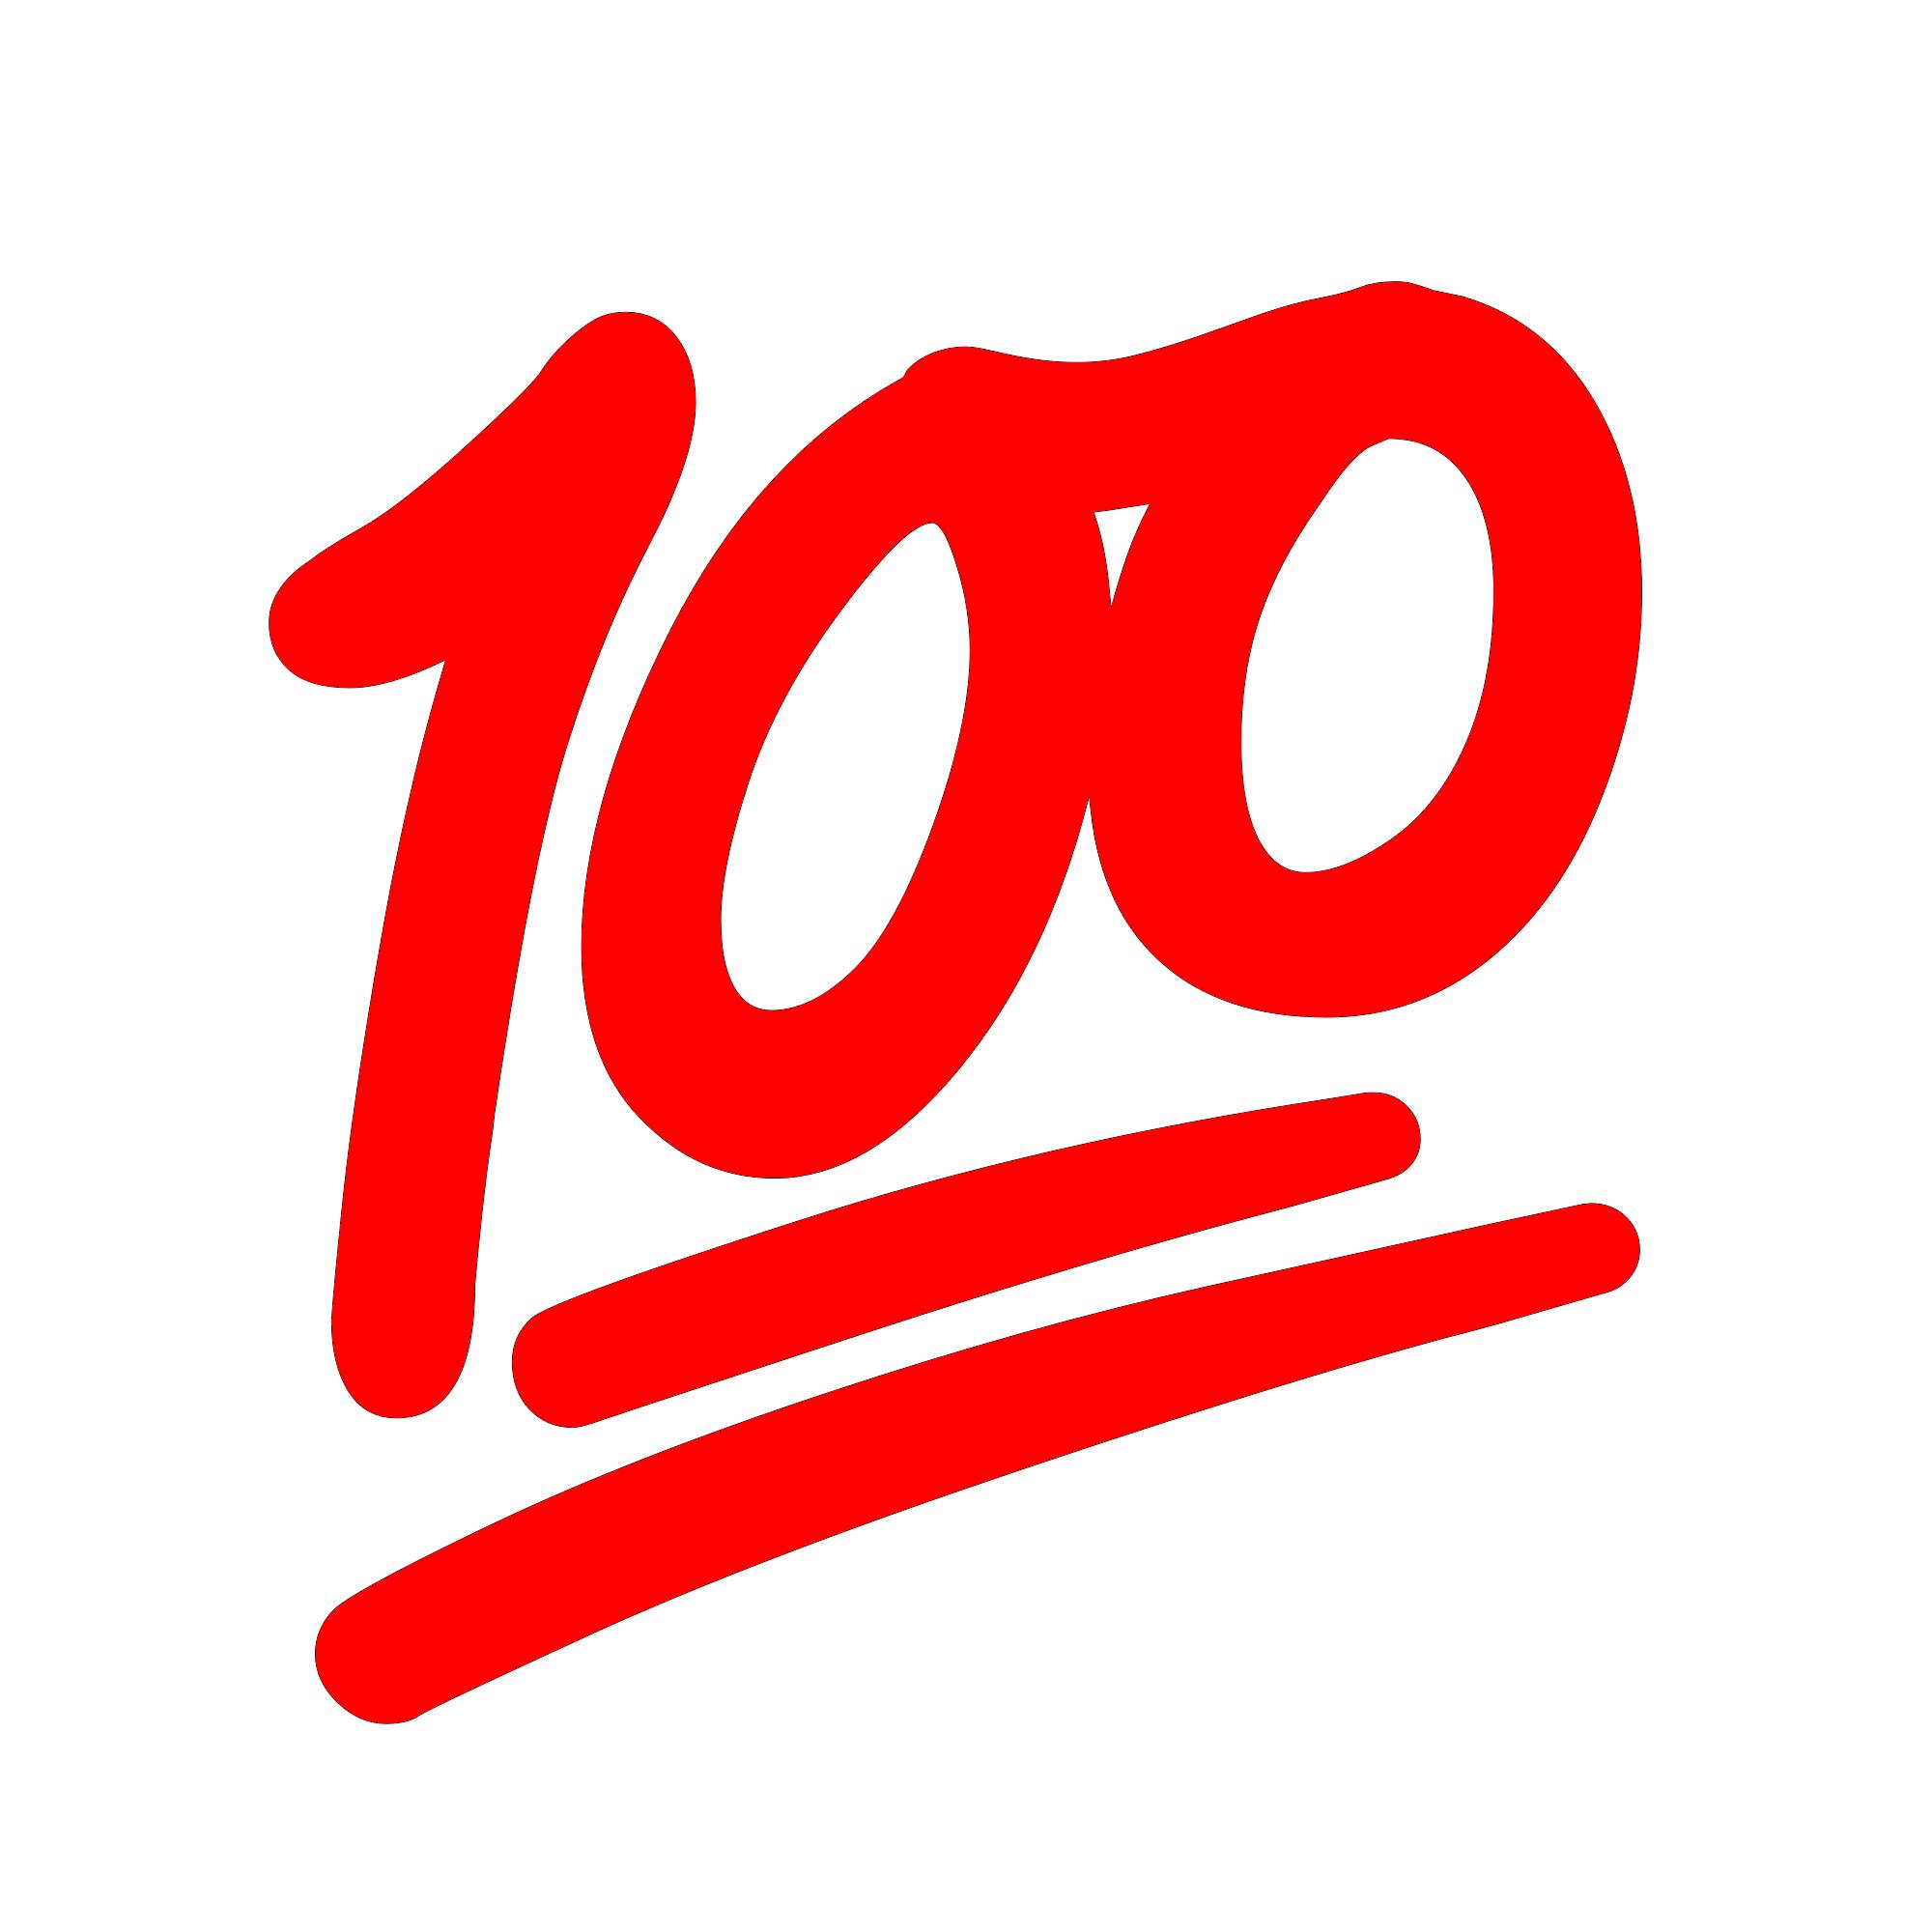 """Attēlu rezultāti vaicājumam """"100"""""""""""